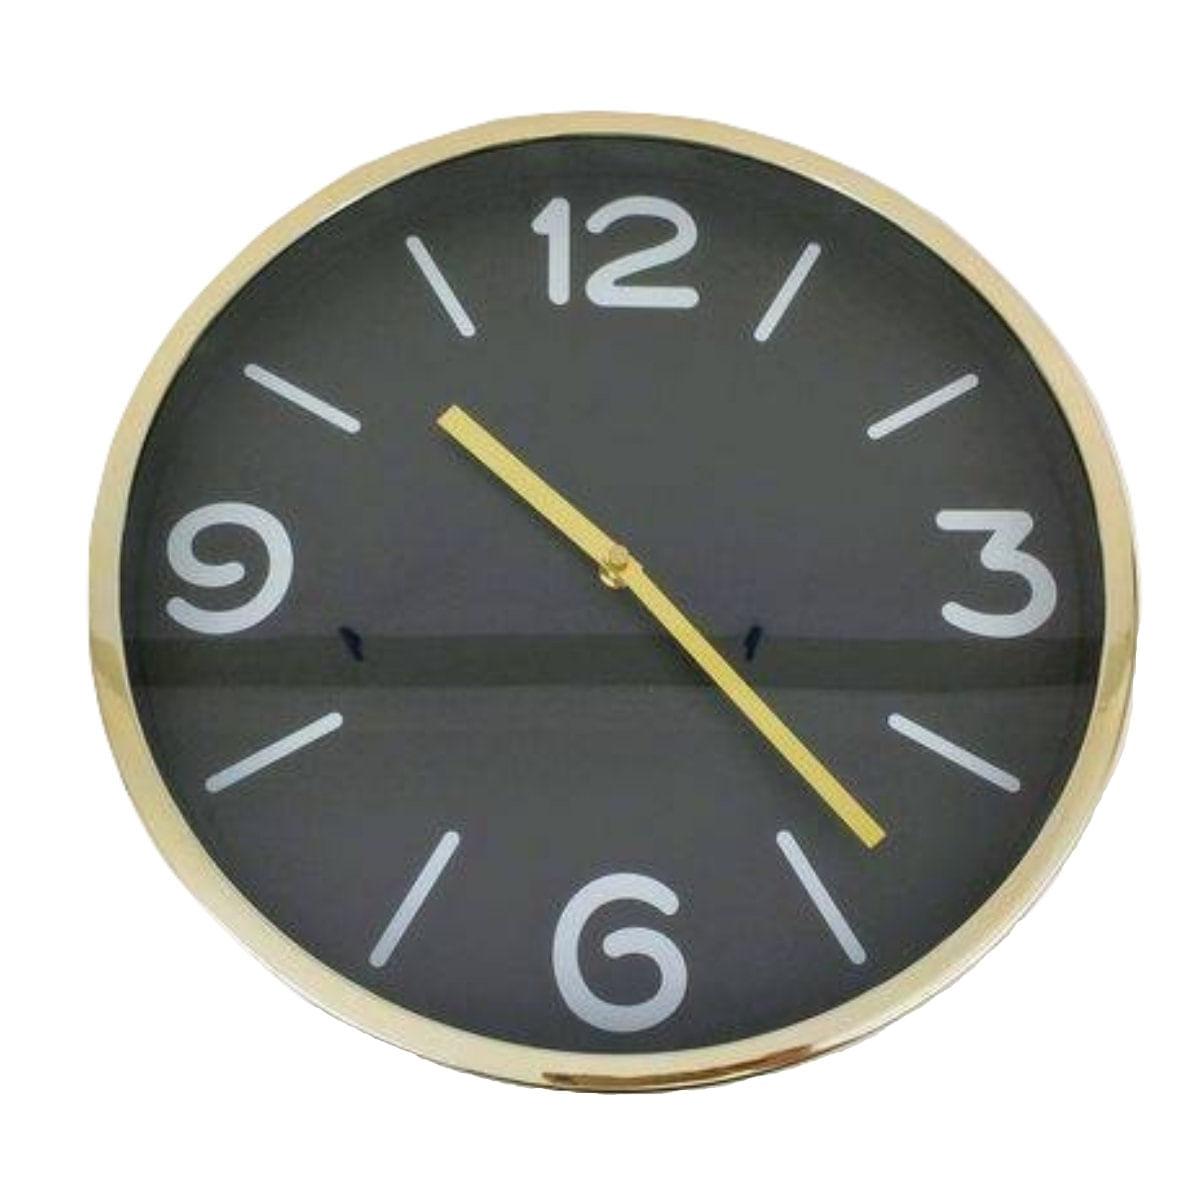 Relógio de Parede - Dourado e Preto